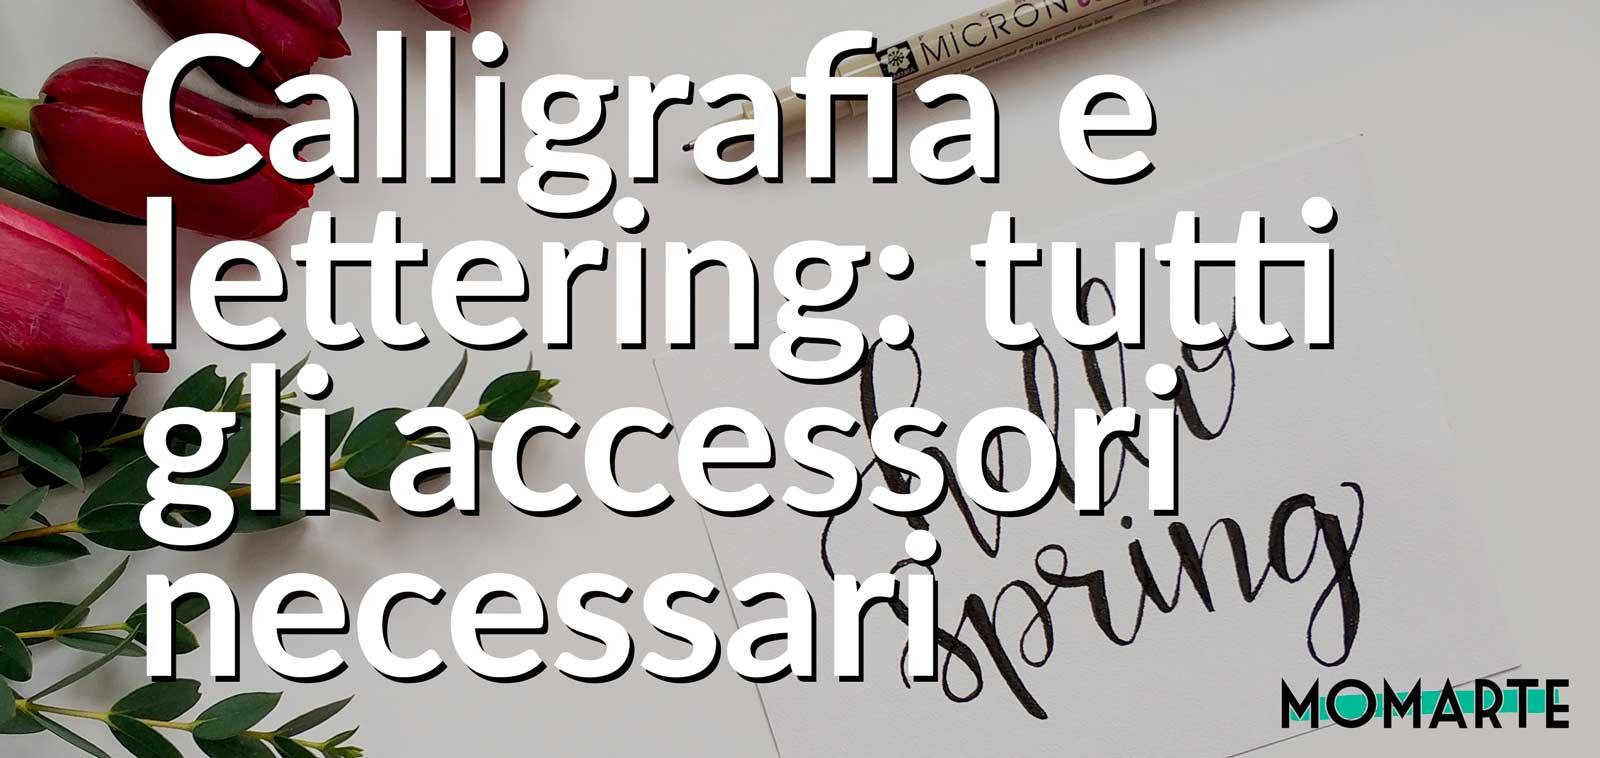 Calligrafia e lettering: tutti gli accessori necessari